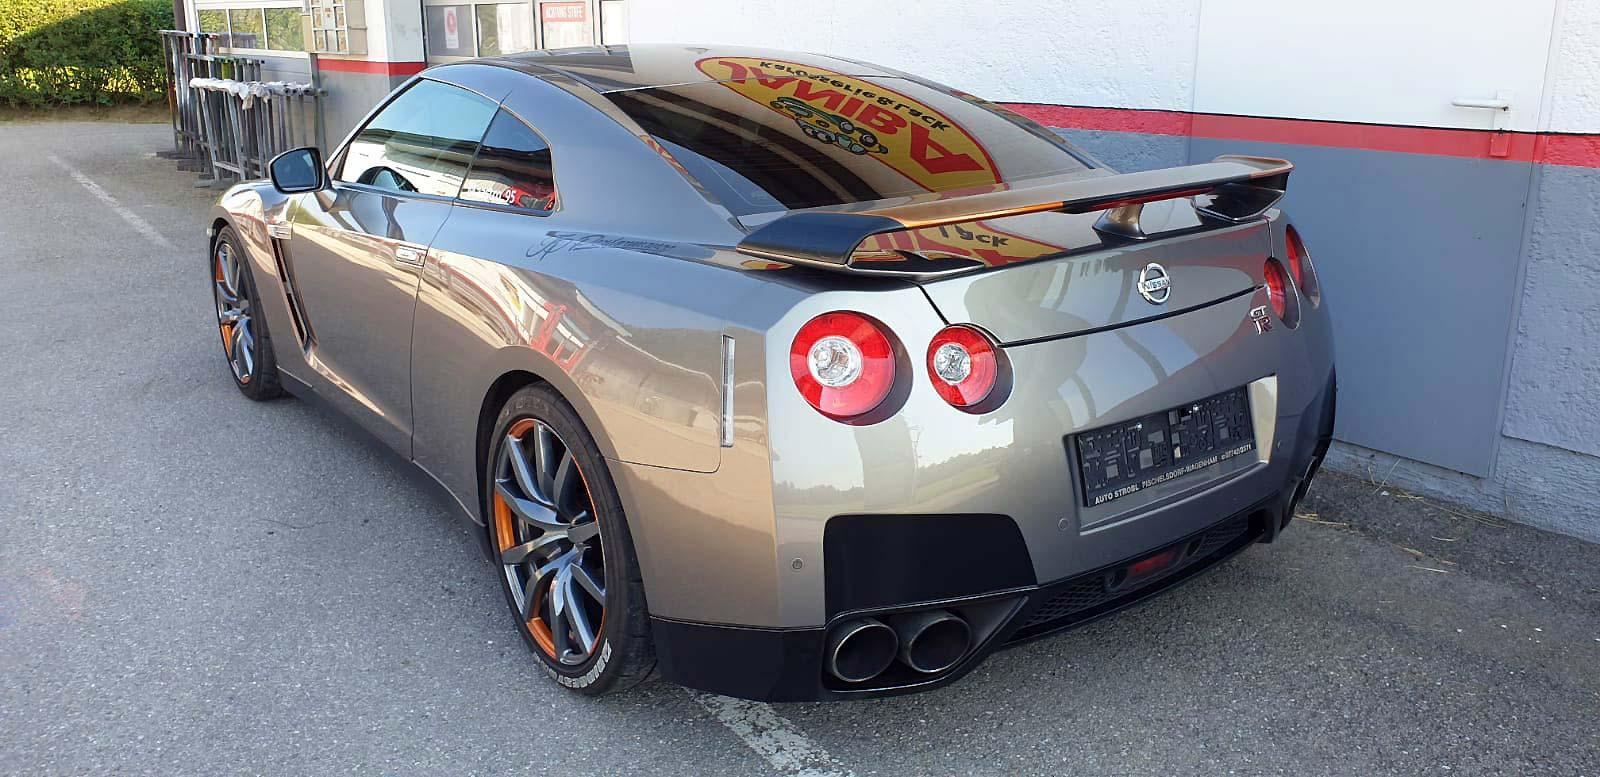 Spengler- und Lackierarbeiten Nissan GT-R